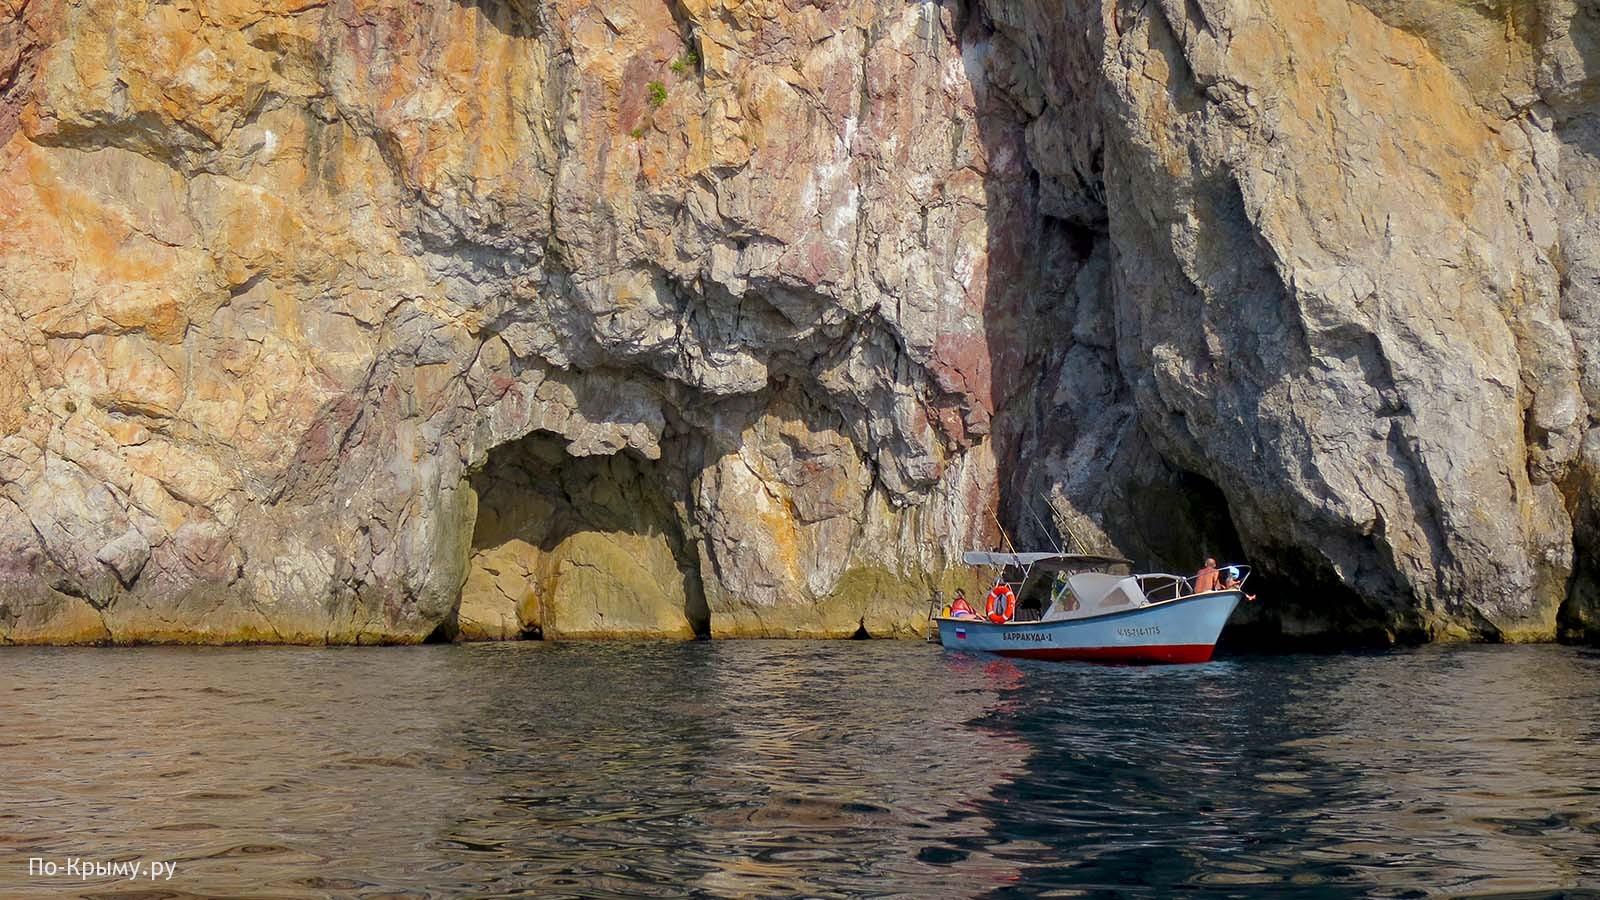 Поездка по морю из Балаклавы к скале Кокия-Кия